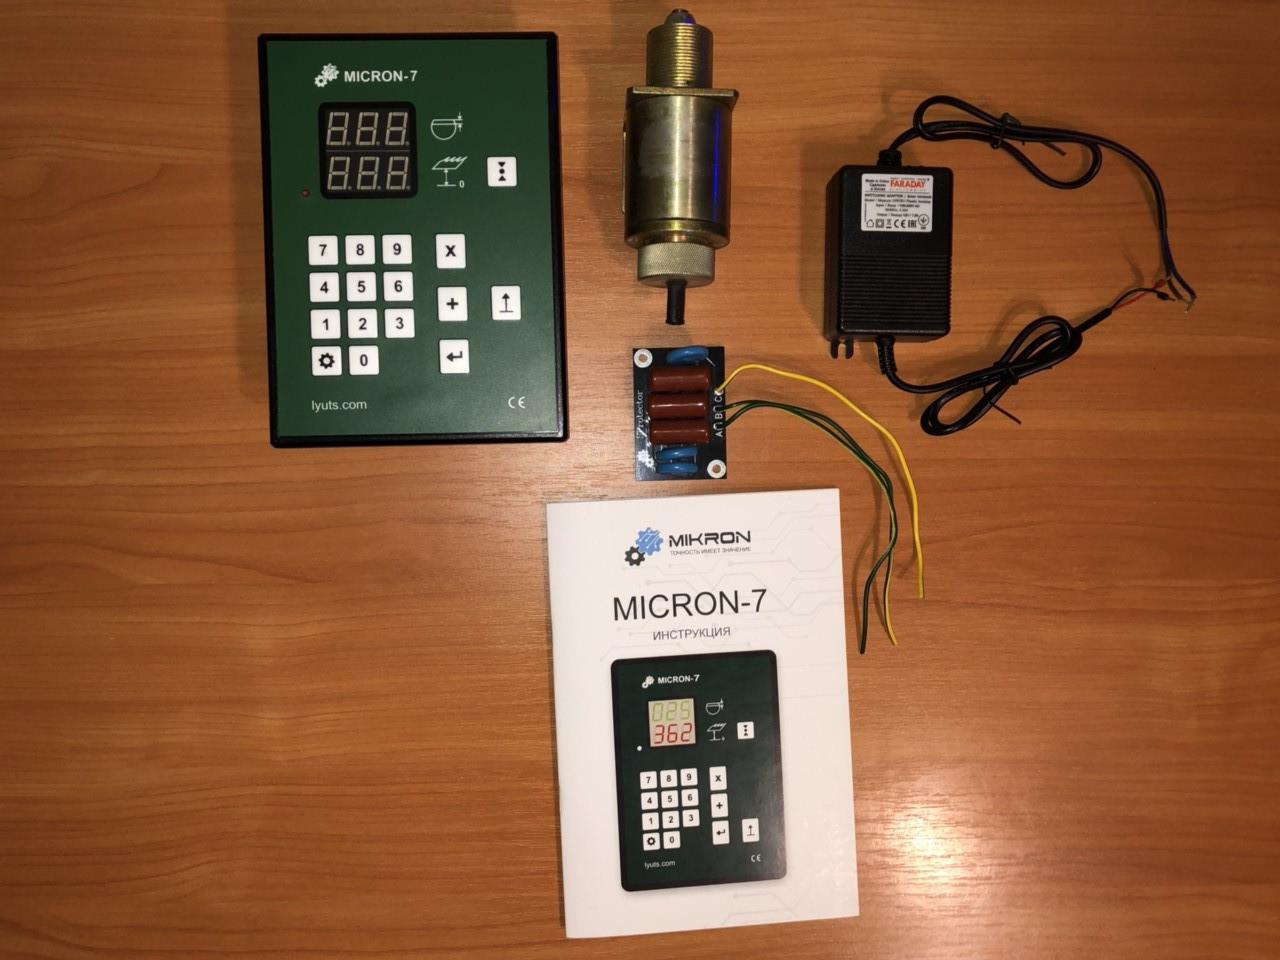 Электронная линейка на пилораму Micron-7 + CL-80 датчик